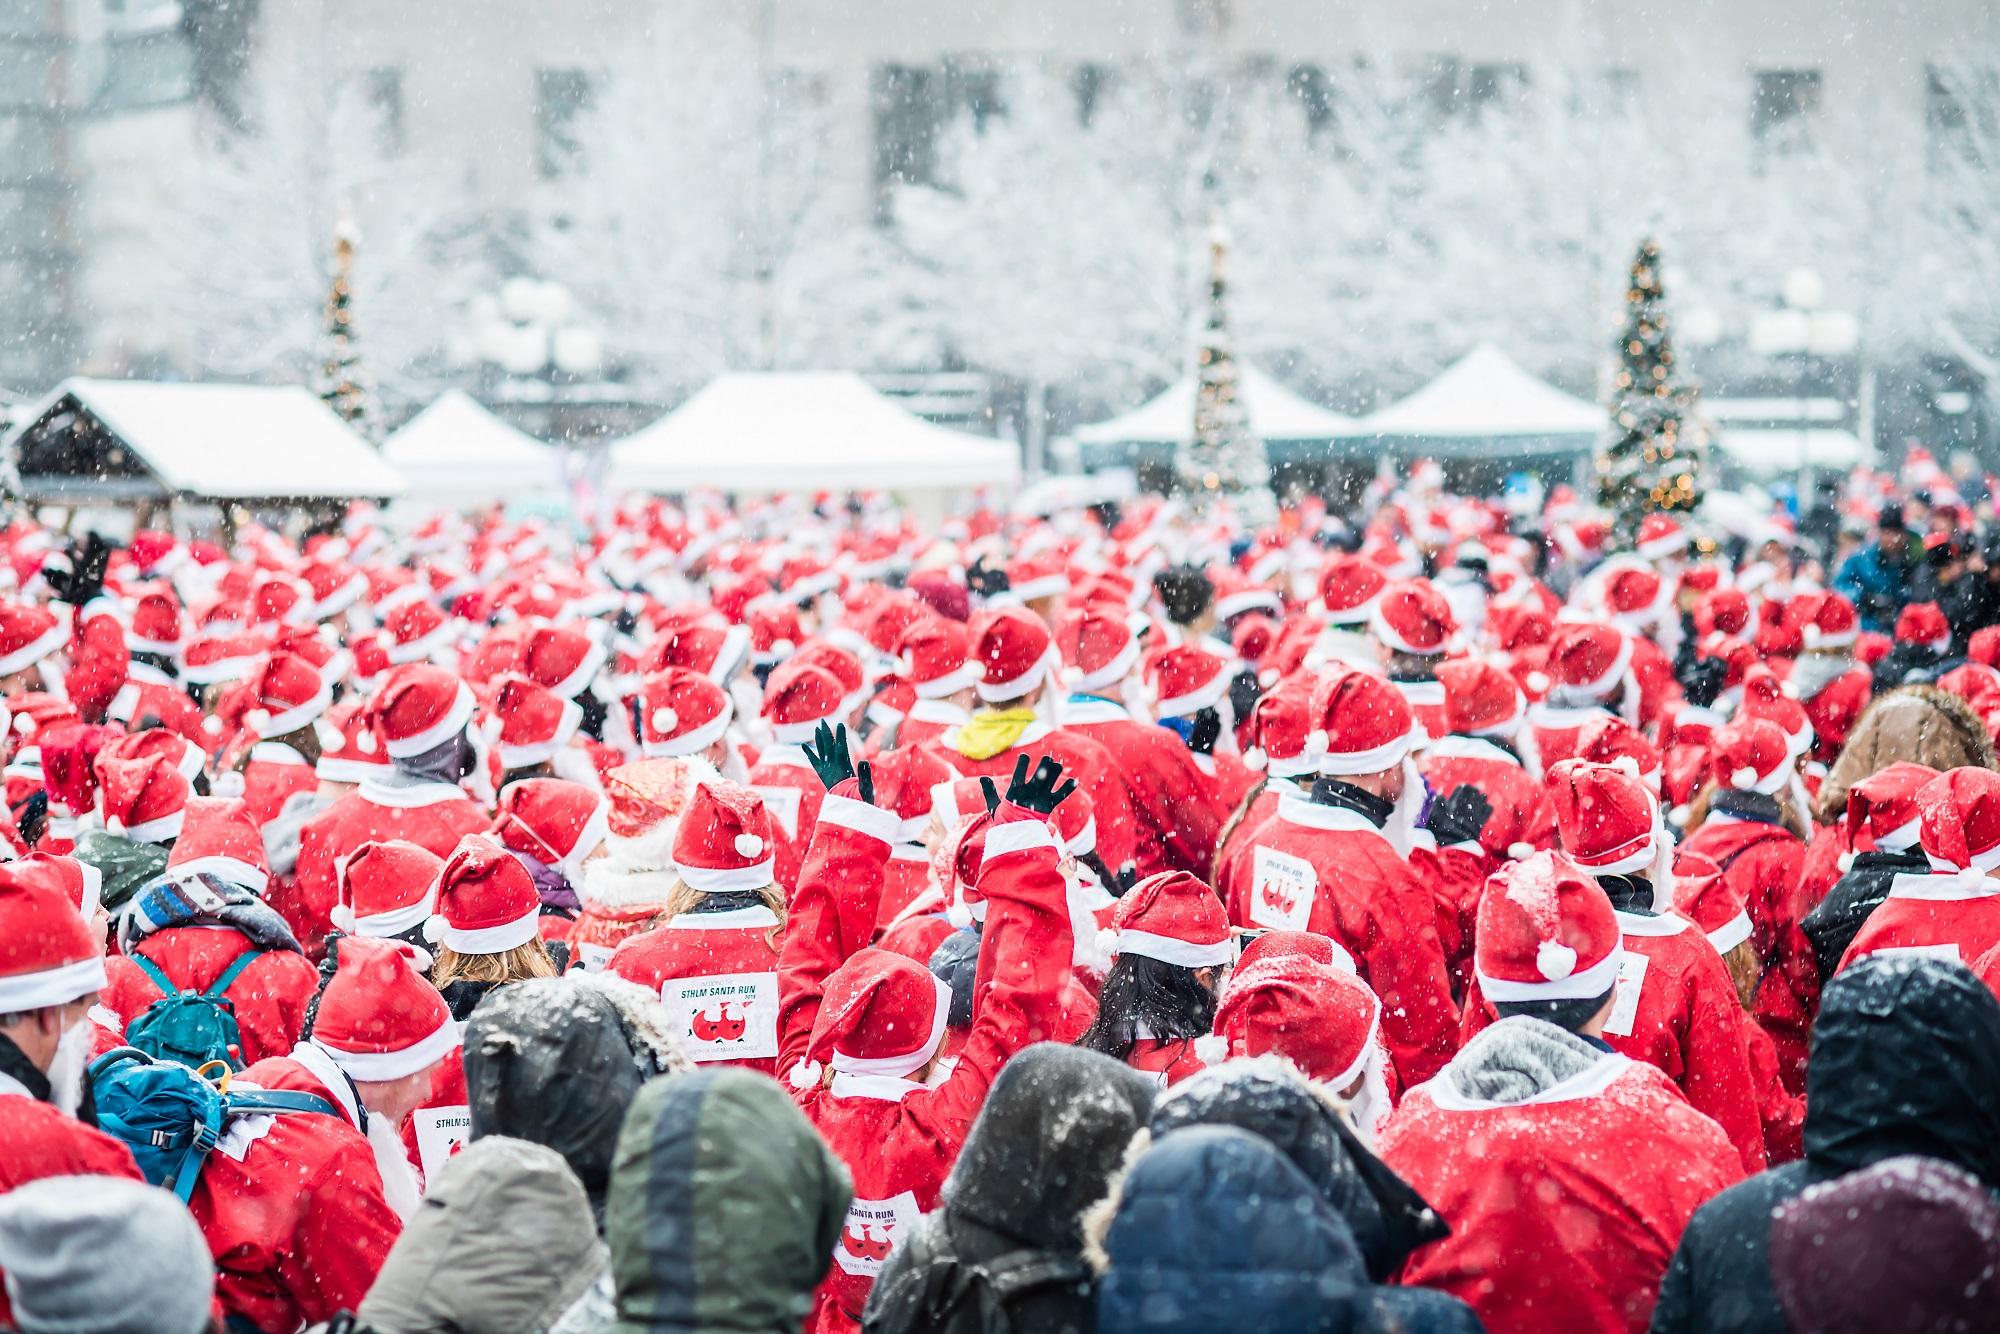 Zviedrija, Stoholma, Ziemassvētki, svētki, Vecpilsēta, Santa Klausu skrējiens, Ziemassvētku tirdziņi Zviedrijā